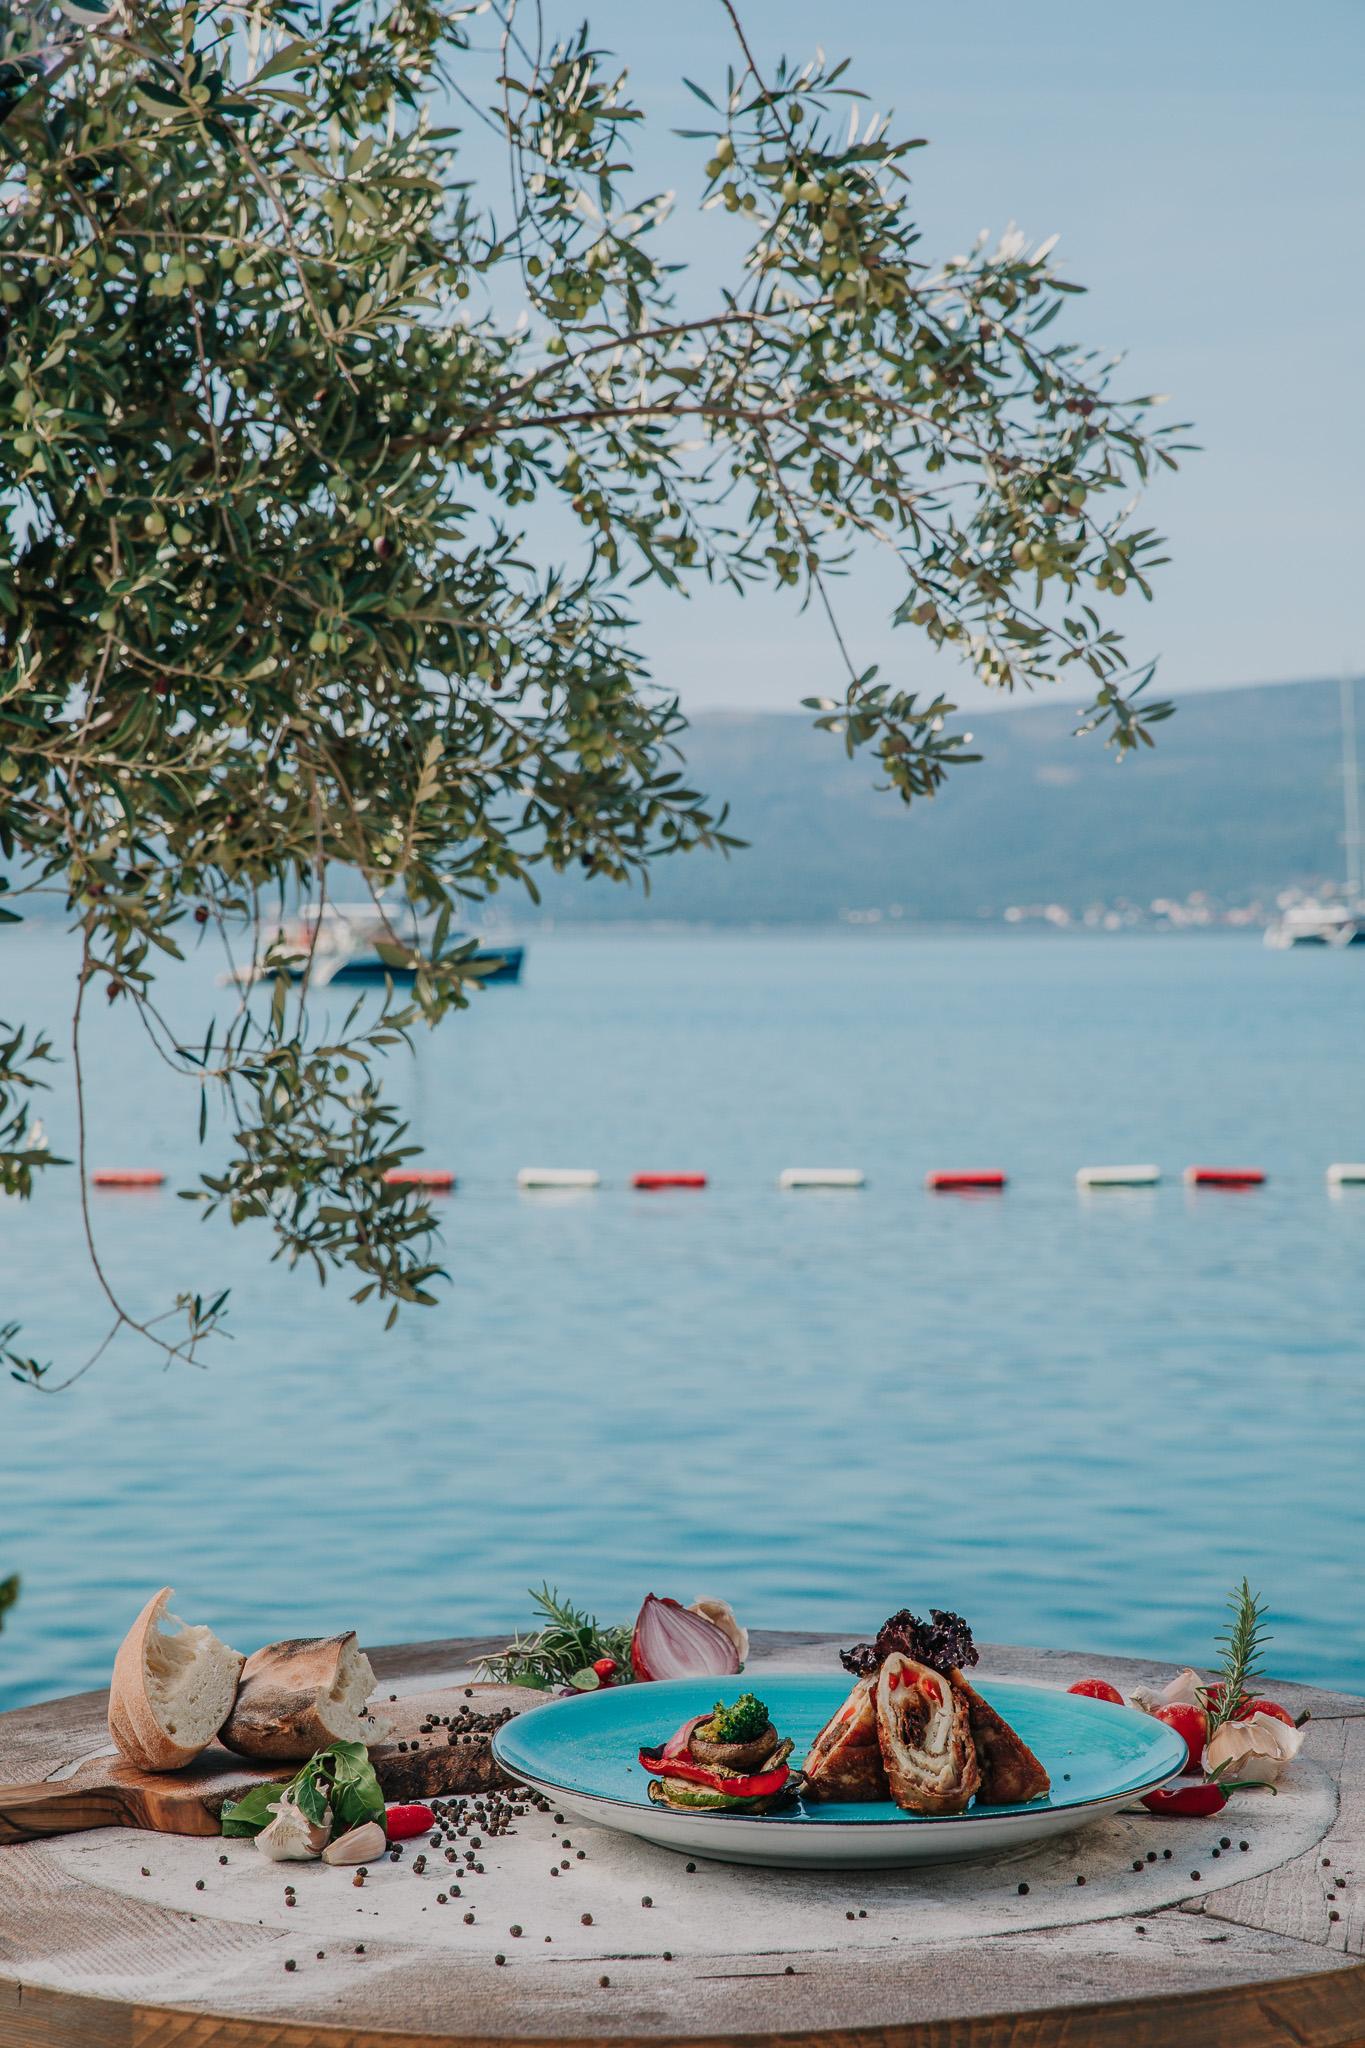 Rolovani batak sa pogledom na zaliv u pozadiini, u restroranu Bevanda Tivat